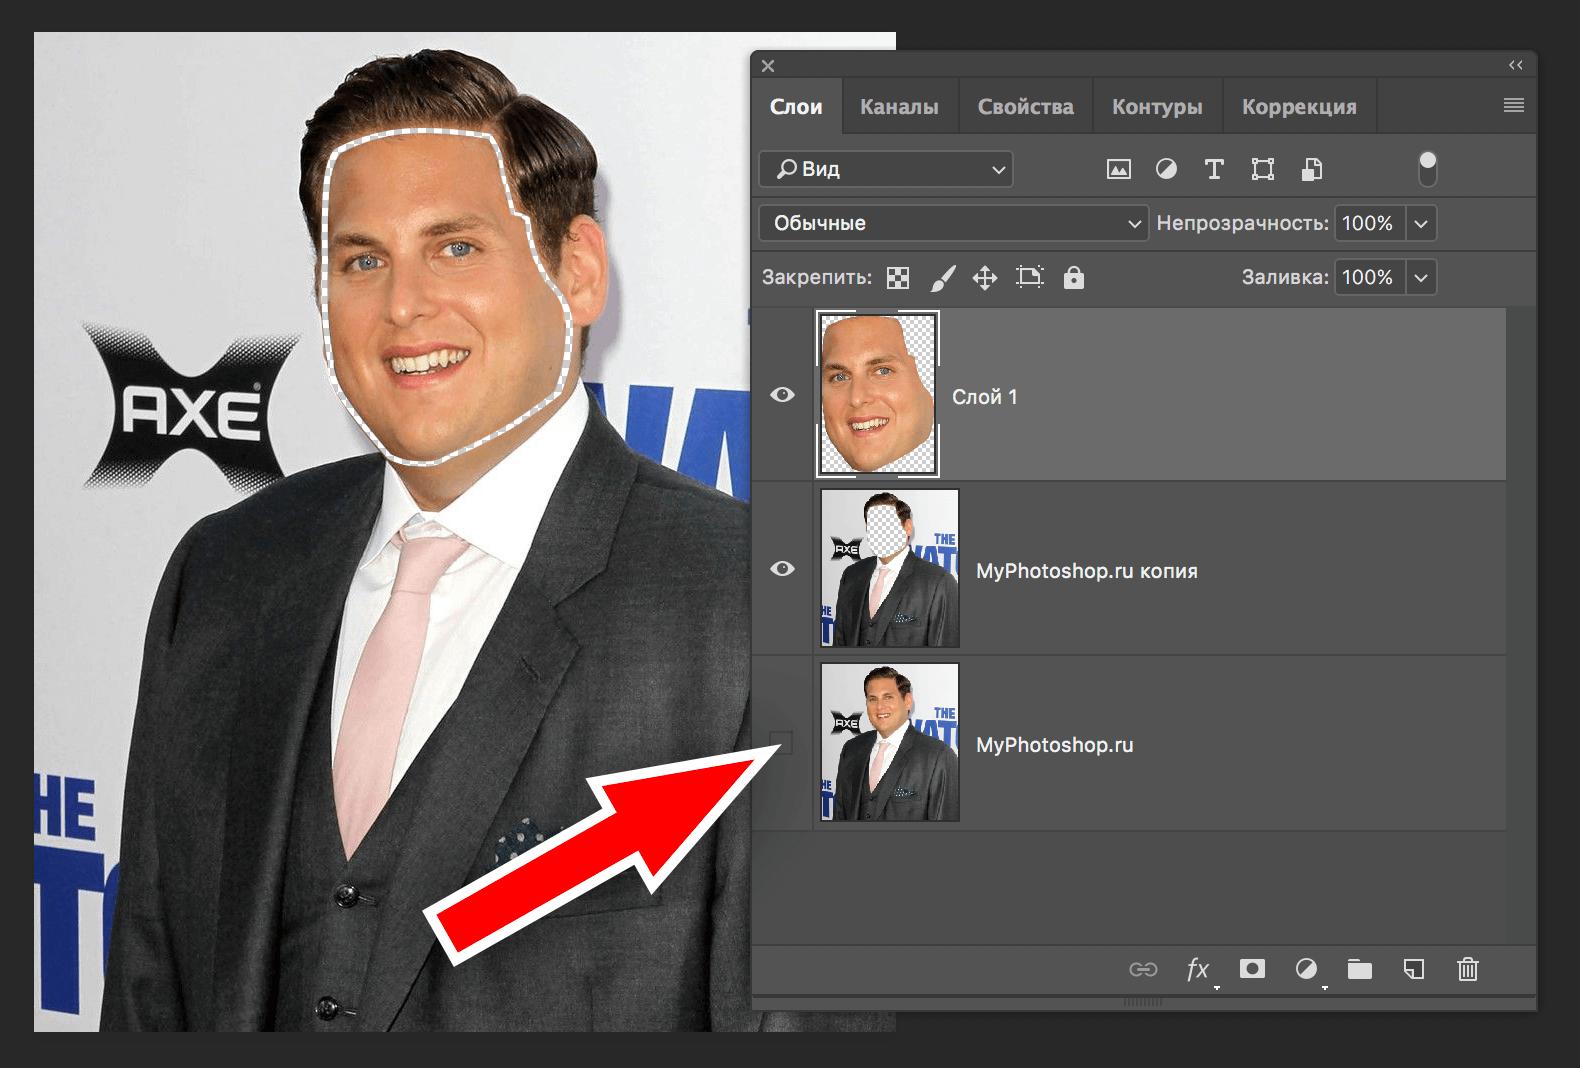 Как уменьшить лицо в Фотошопе